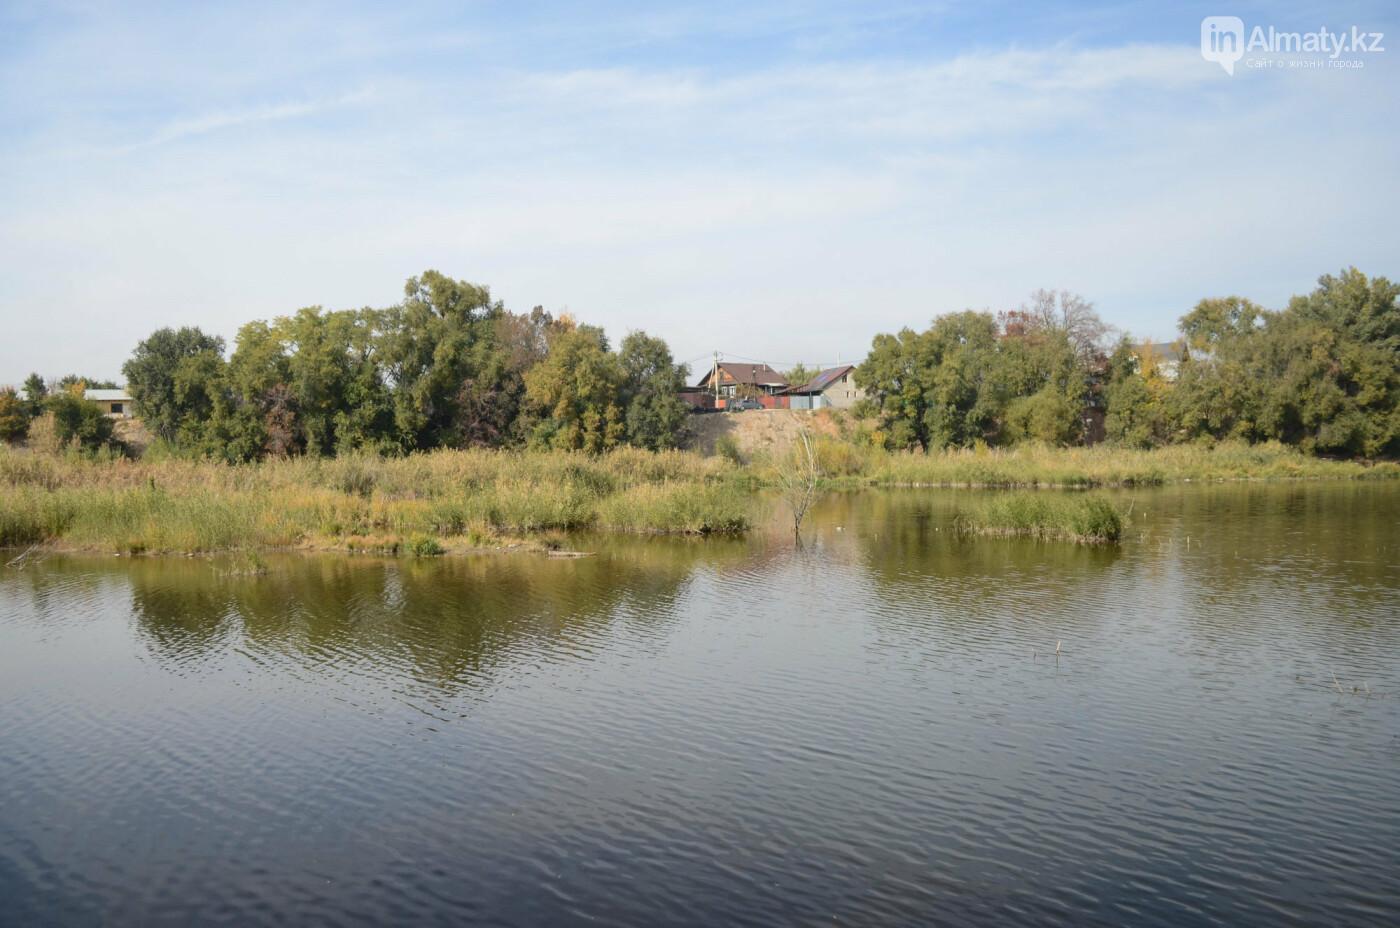 Как выглядит новый парк в зоне Аэропортовского озера и микрорайона Жас Канат в Алматы, фото-11